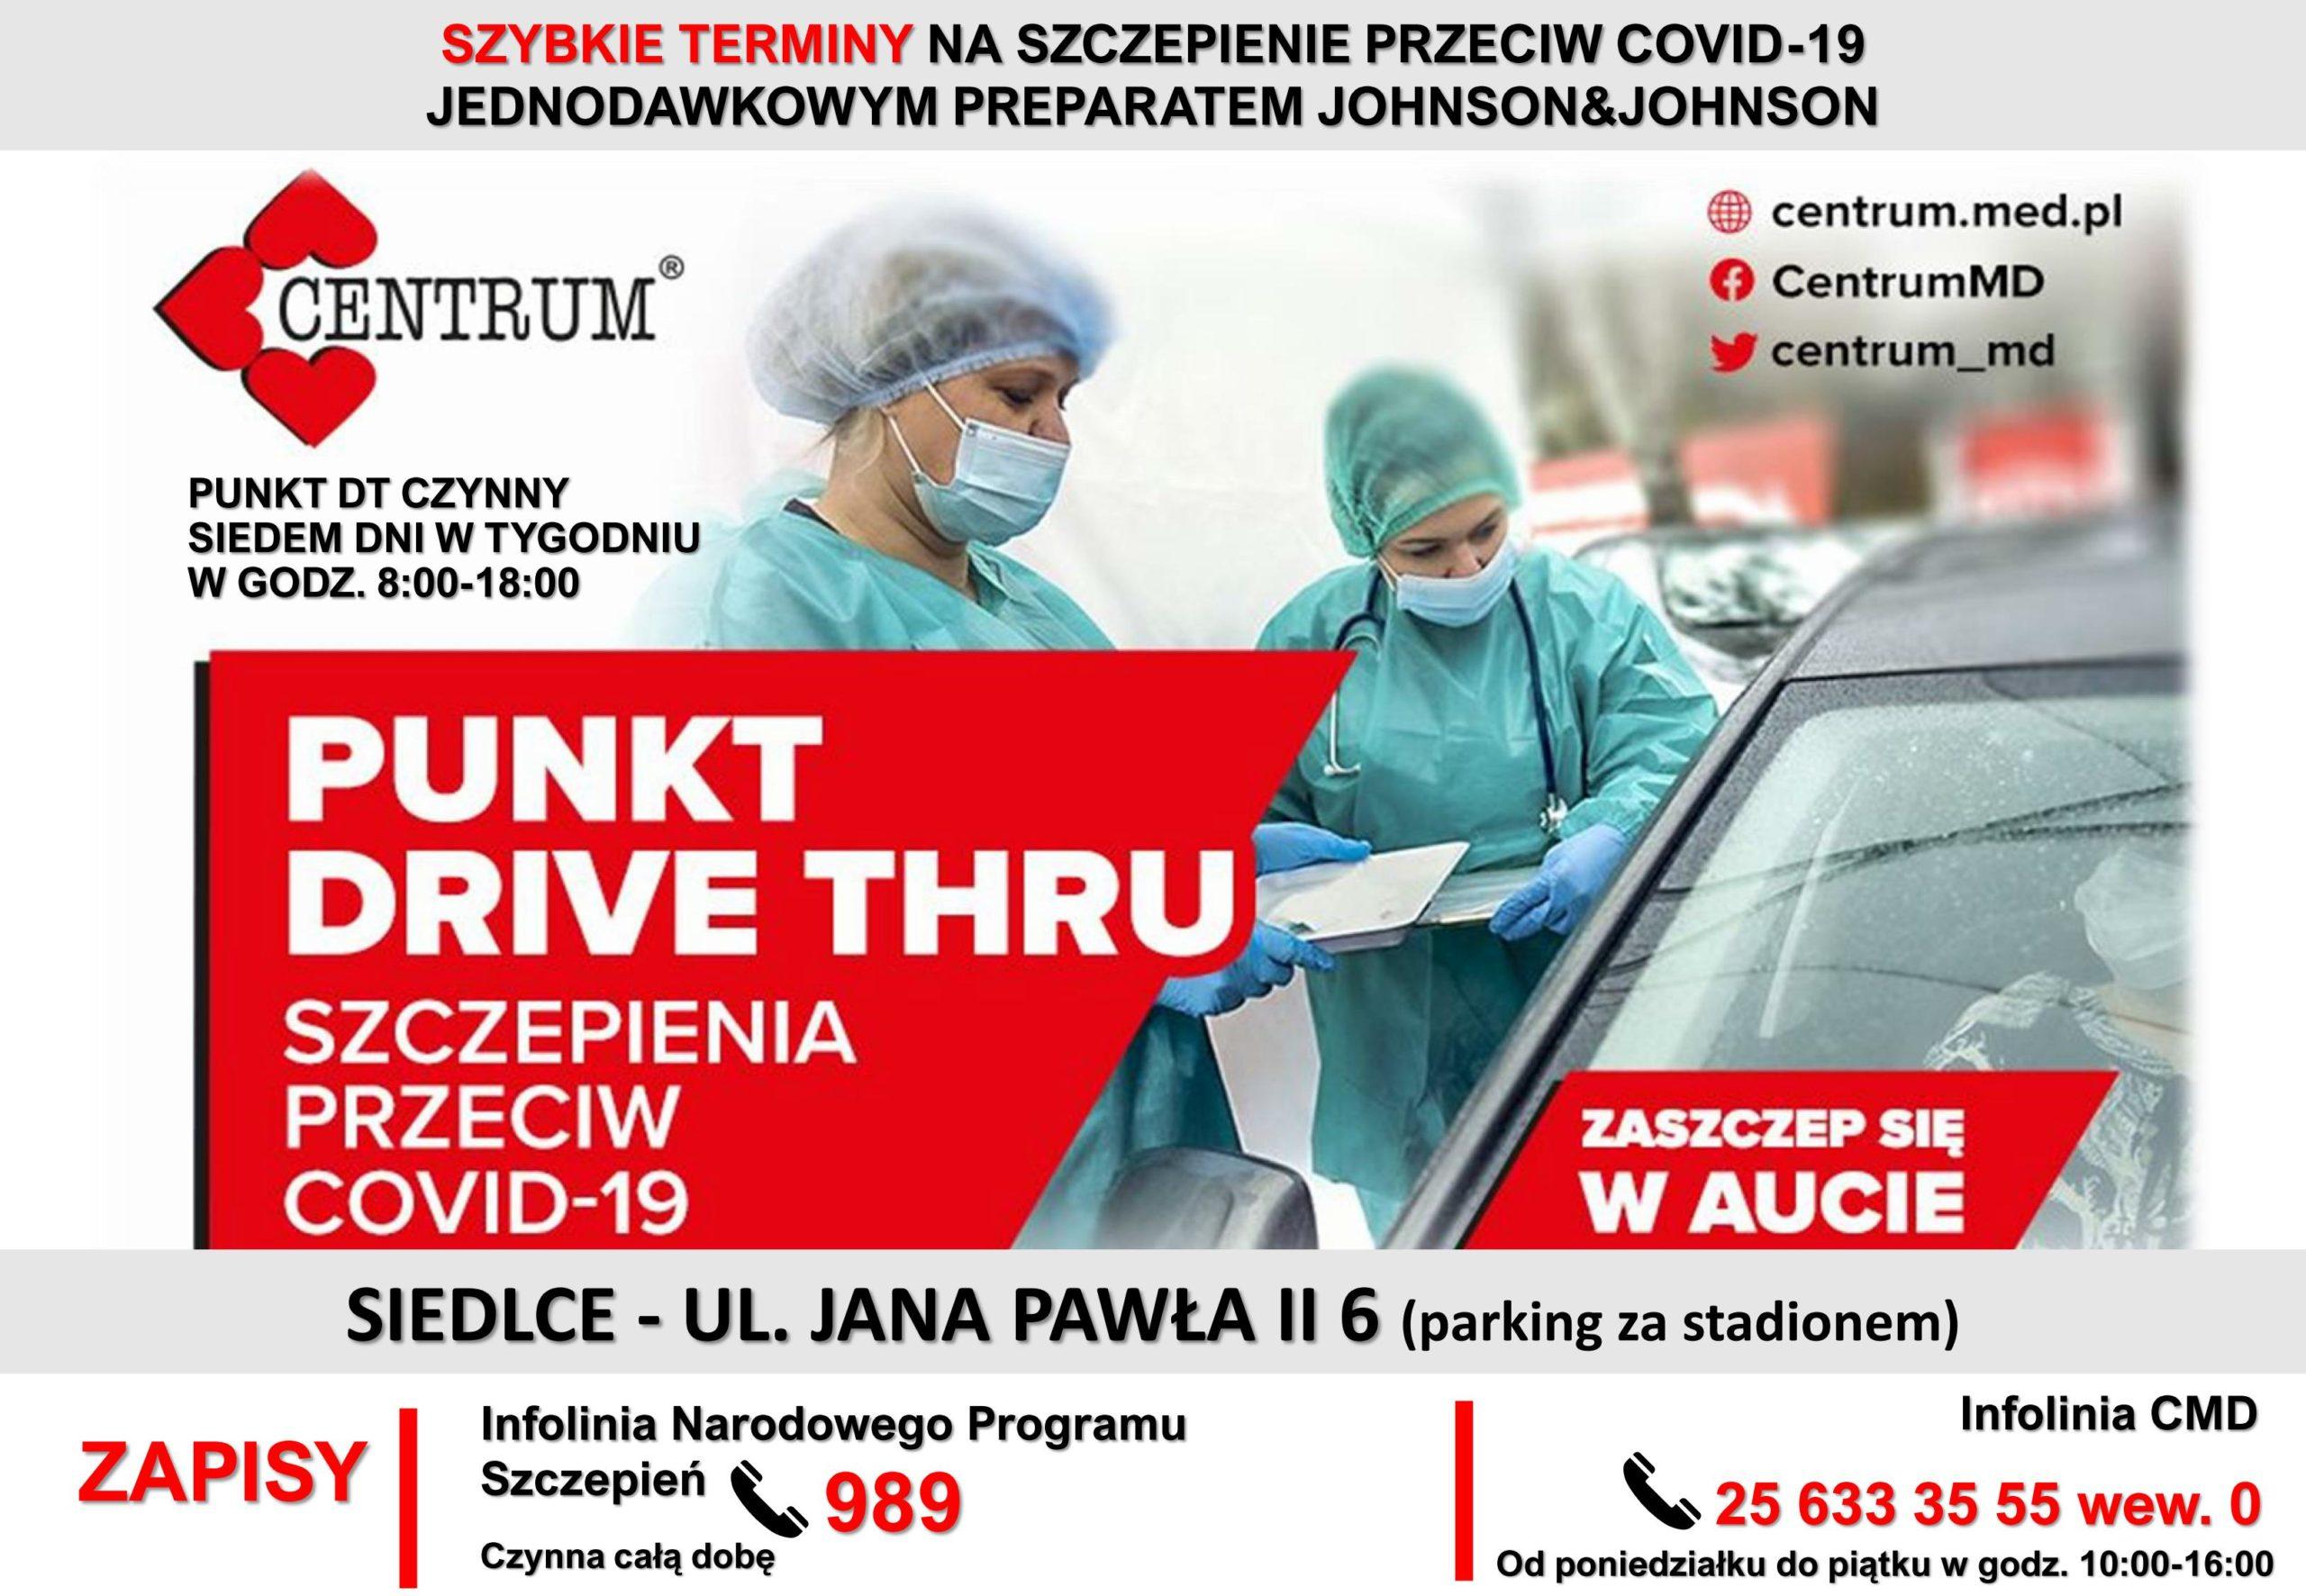 Plakat informujący o lokalizacji punktu drive yhru na szczepienia przeciwko COVID-19